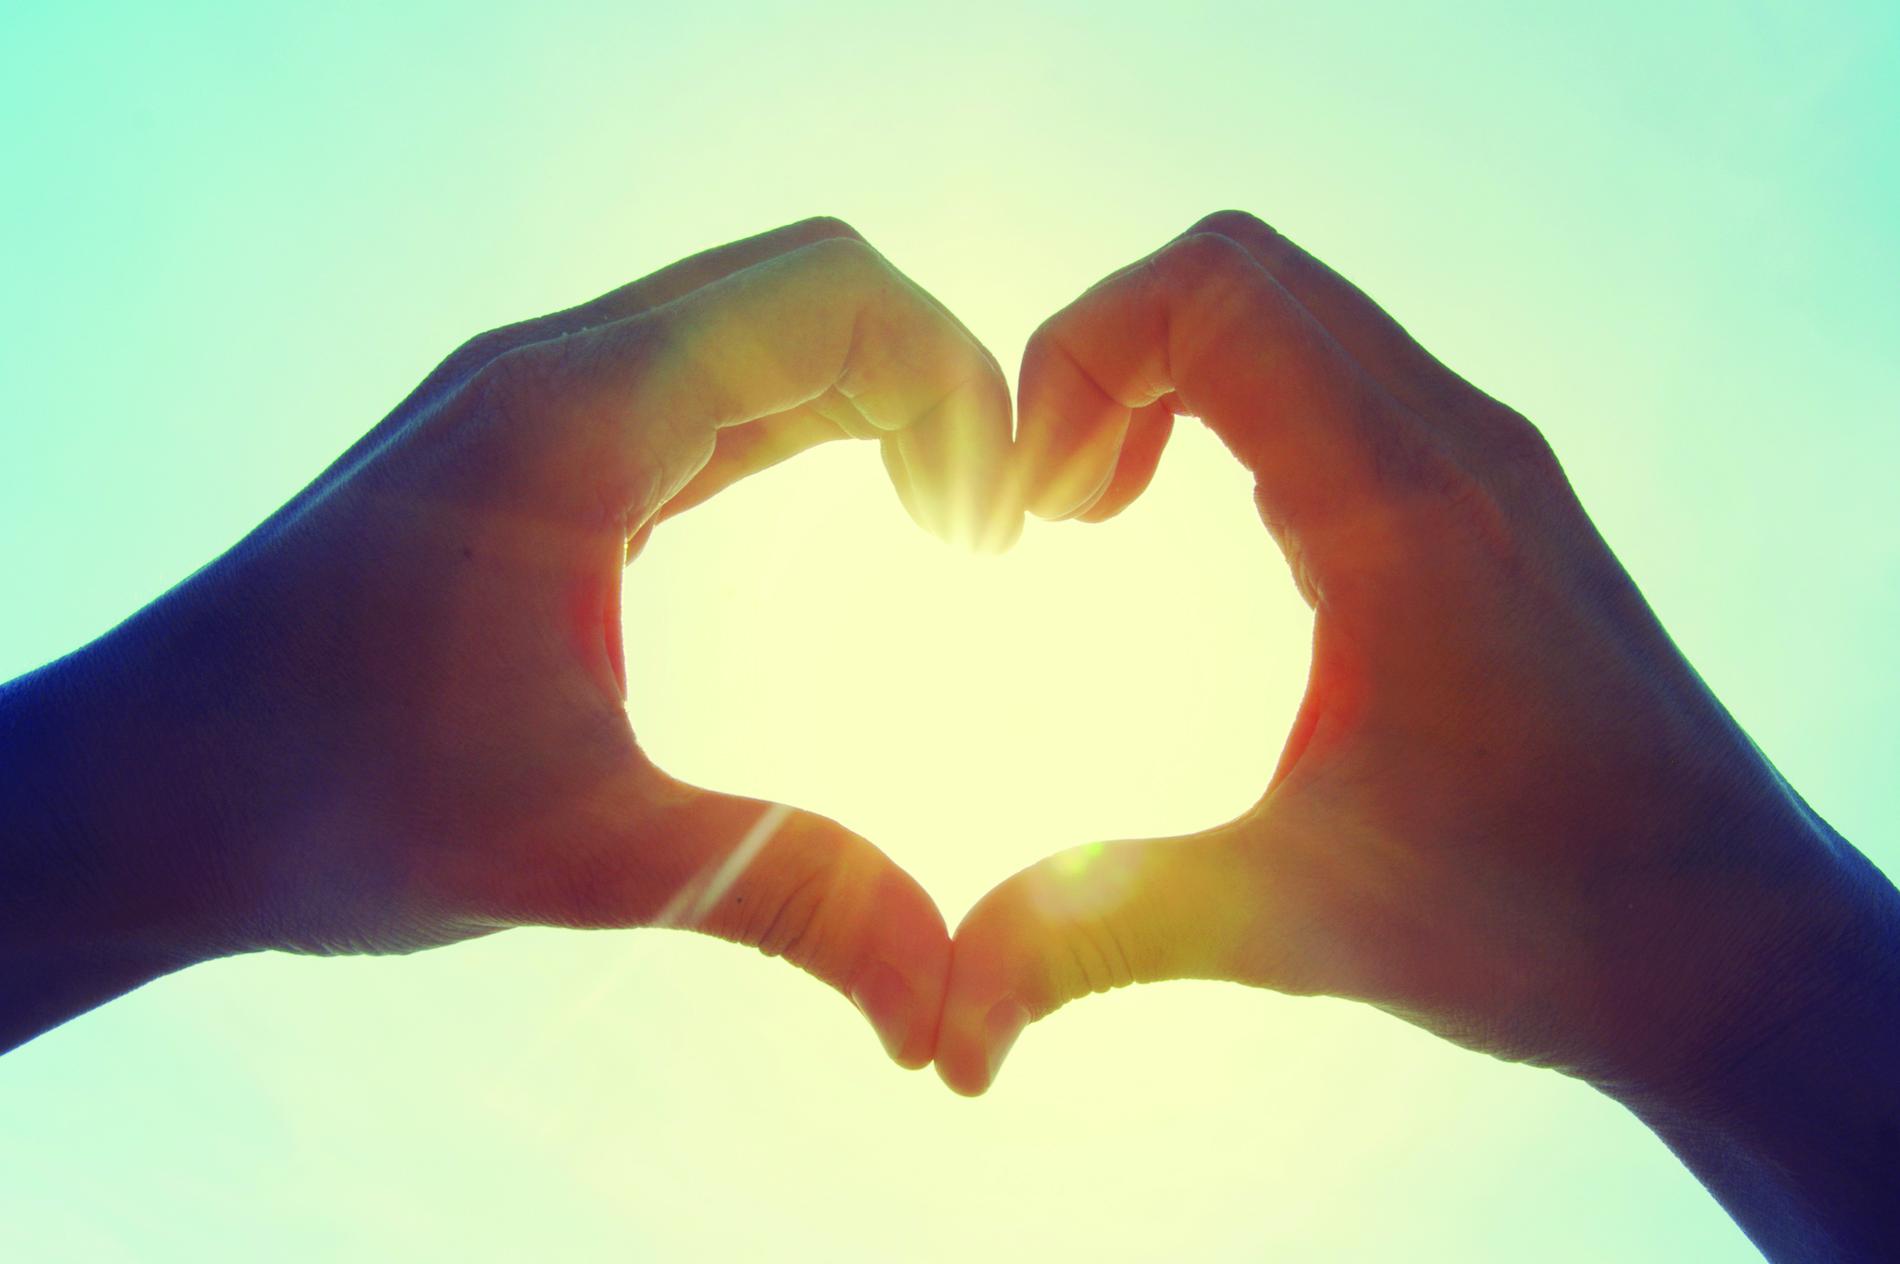 hands-shaped-like-heart